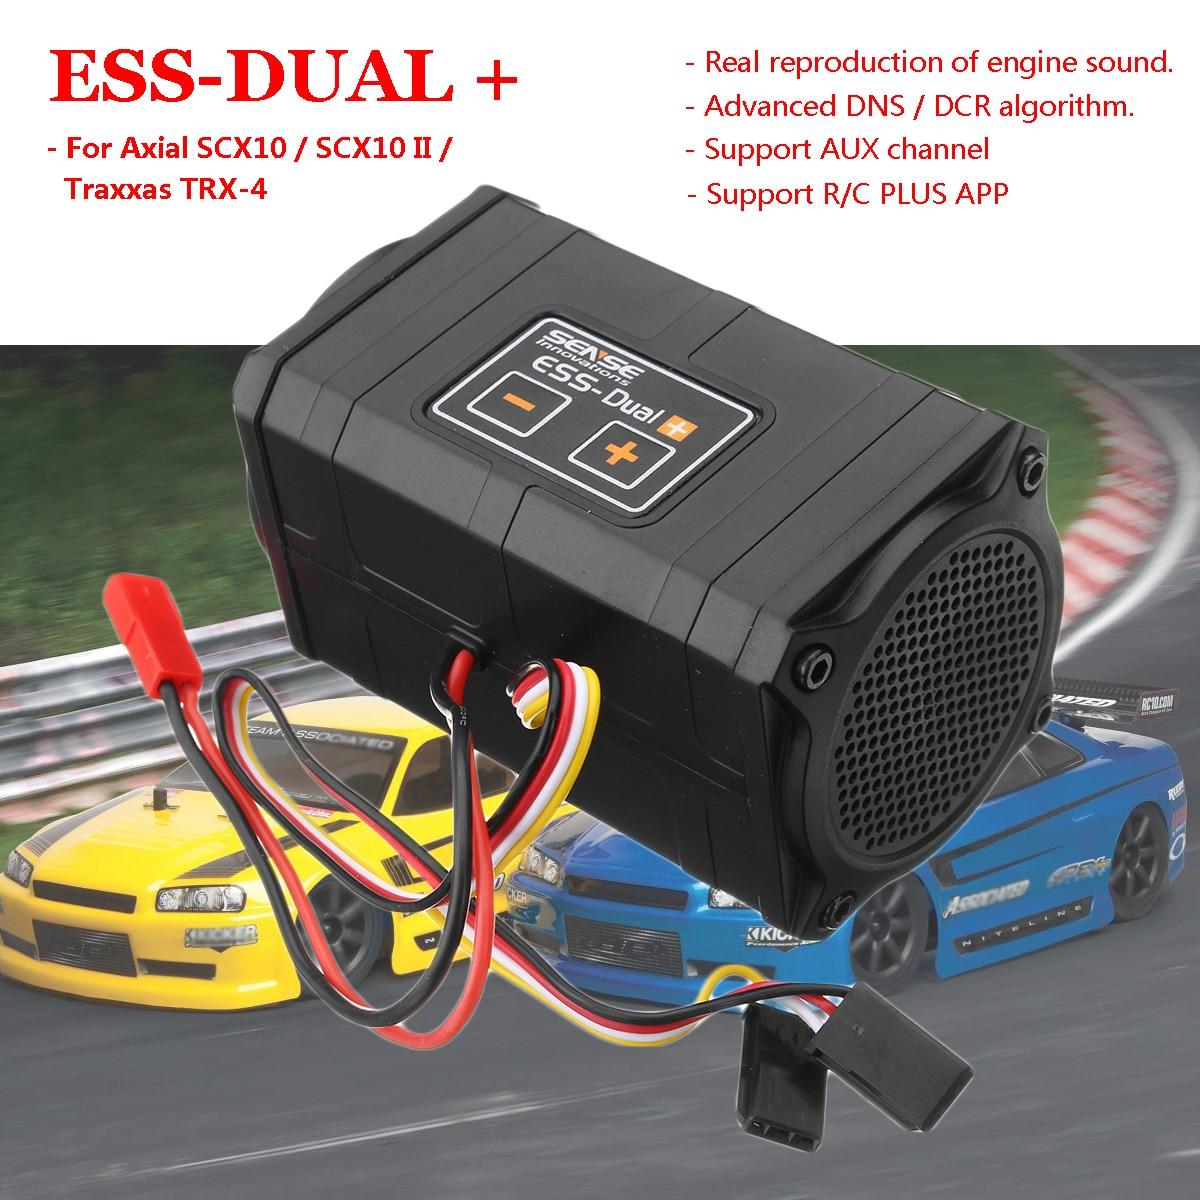 Pour les pièces de TRX-4 axiales SCX10 II et les Innovations de sens Accs double Plus simulateur de son de moteur RC/PLUS App mise à niveau du micrologiciel